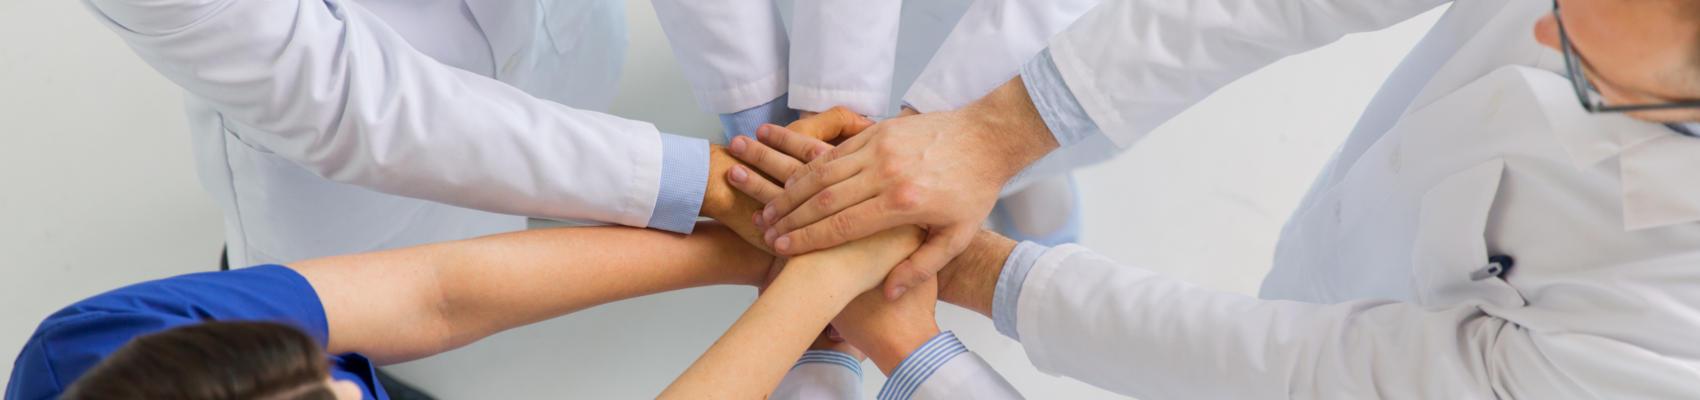 Ärztevermittlung Schütz - Lösung für Ihr Personalmanagement